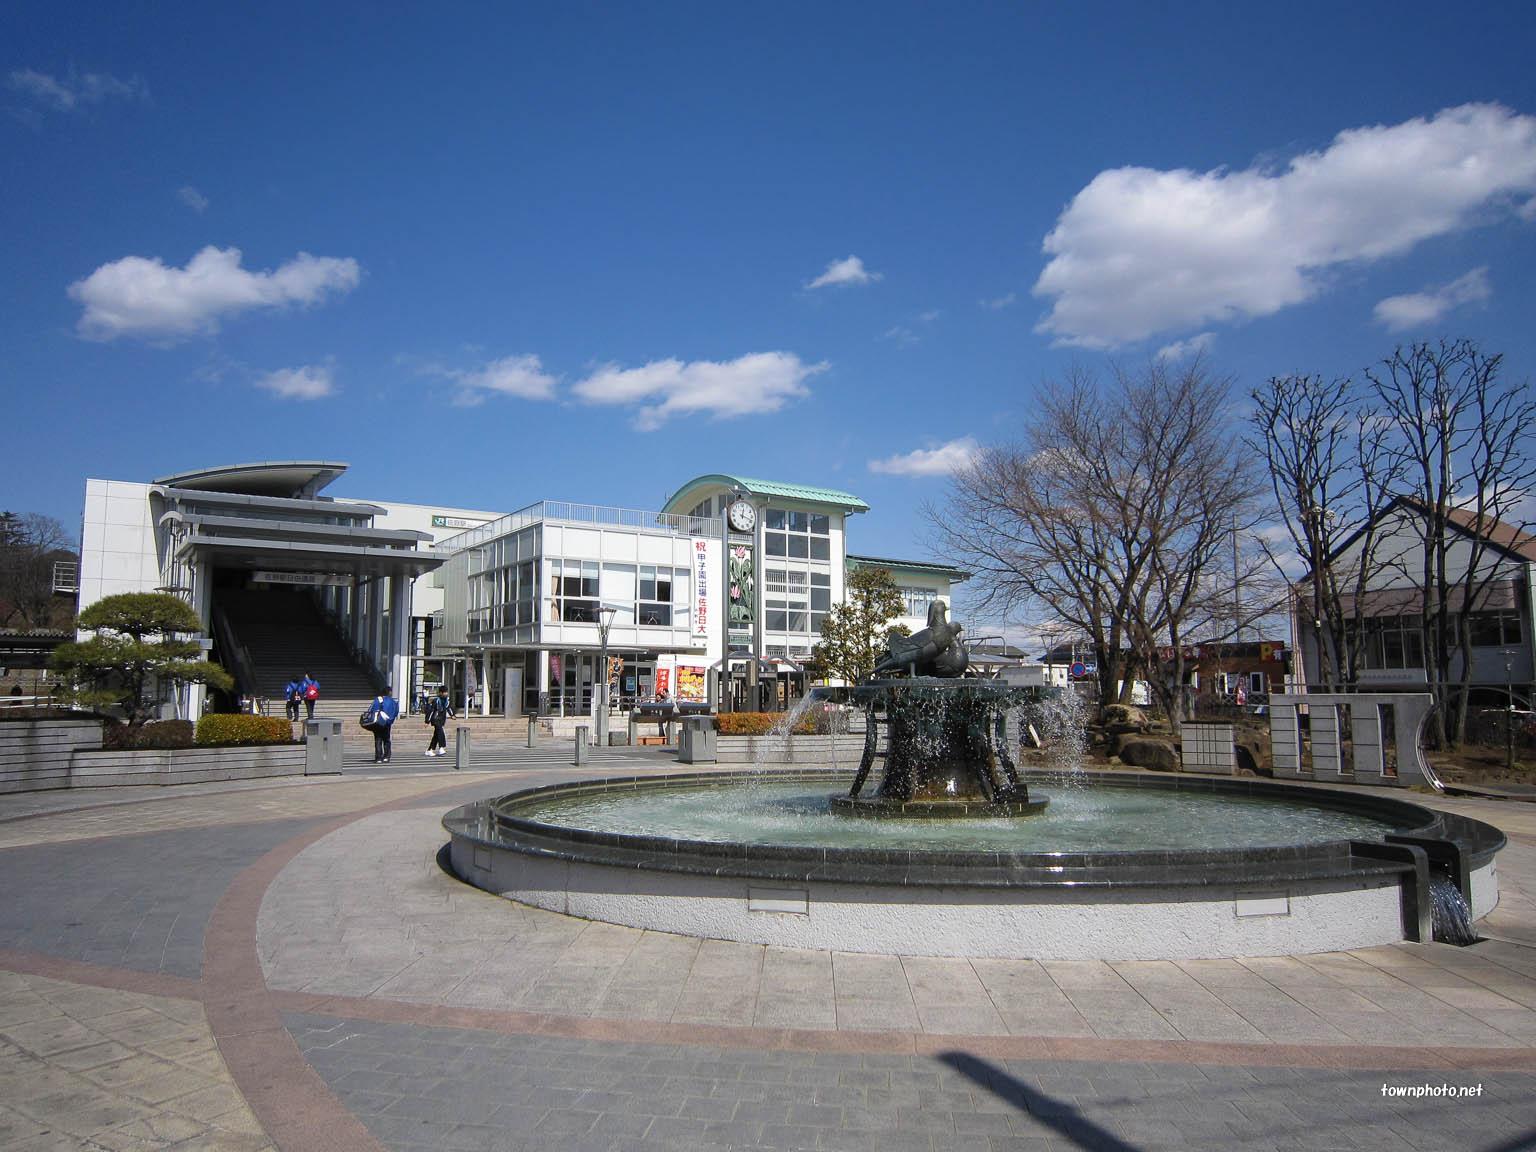 http://townphoto.net/tochigi/t05/t05501.jpg